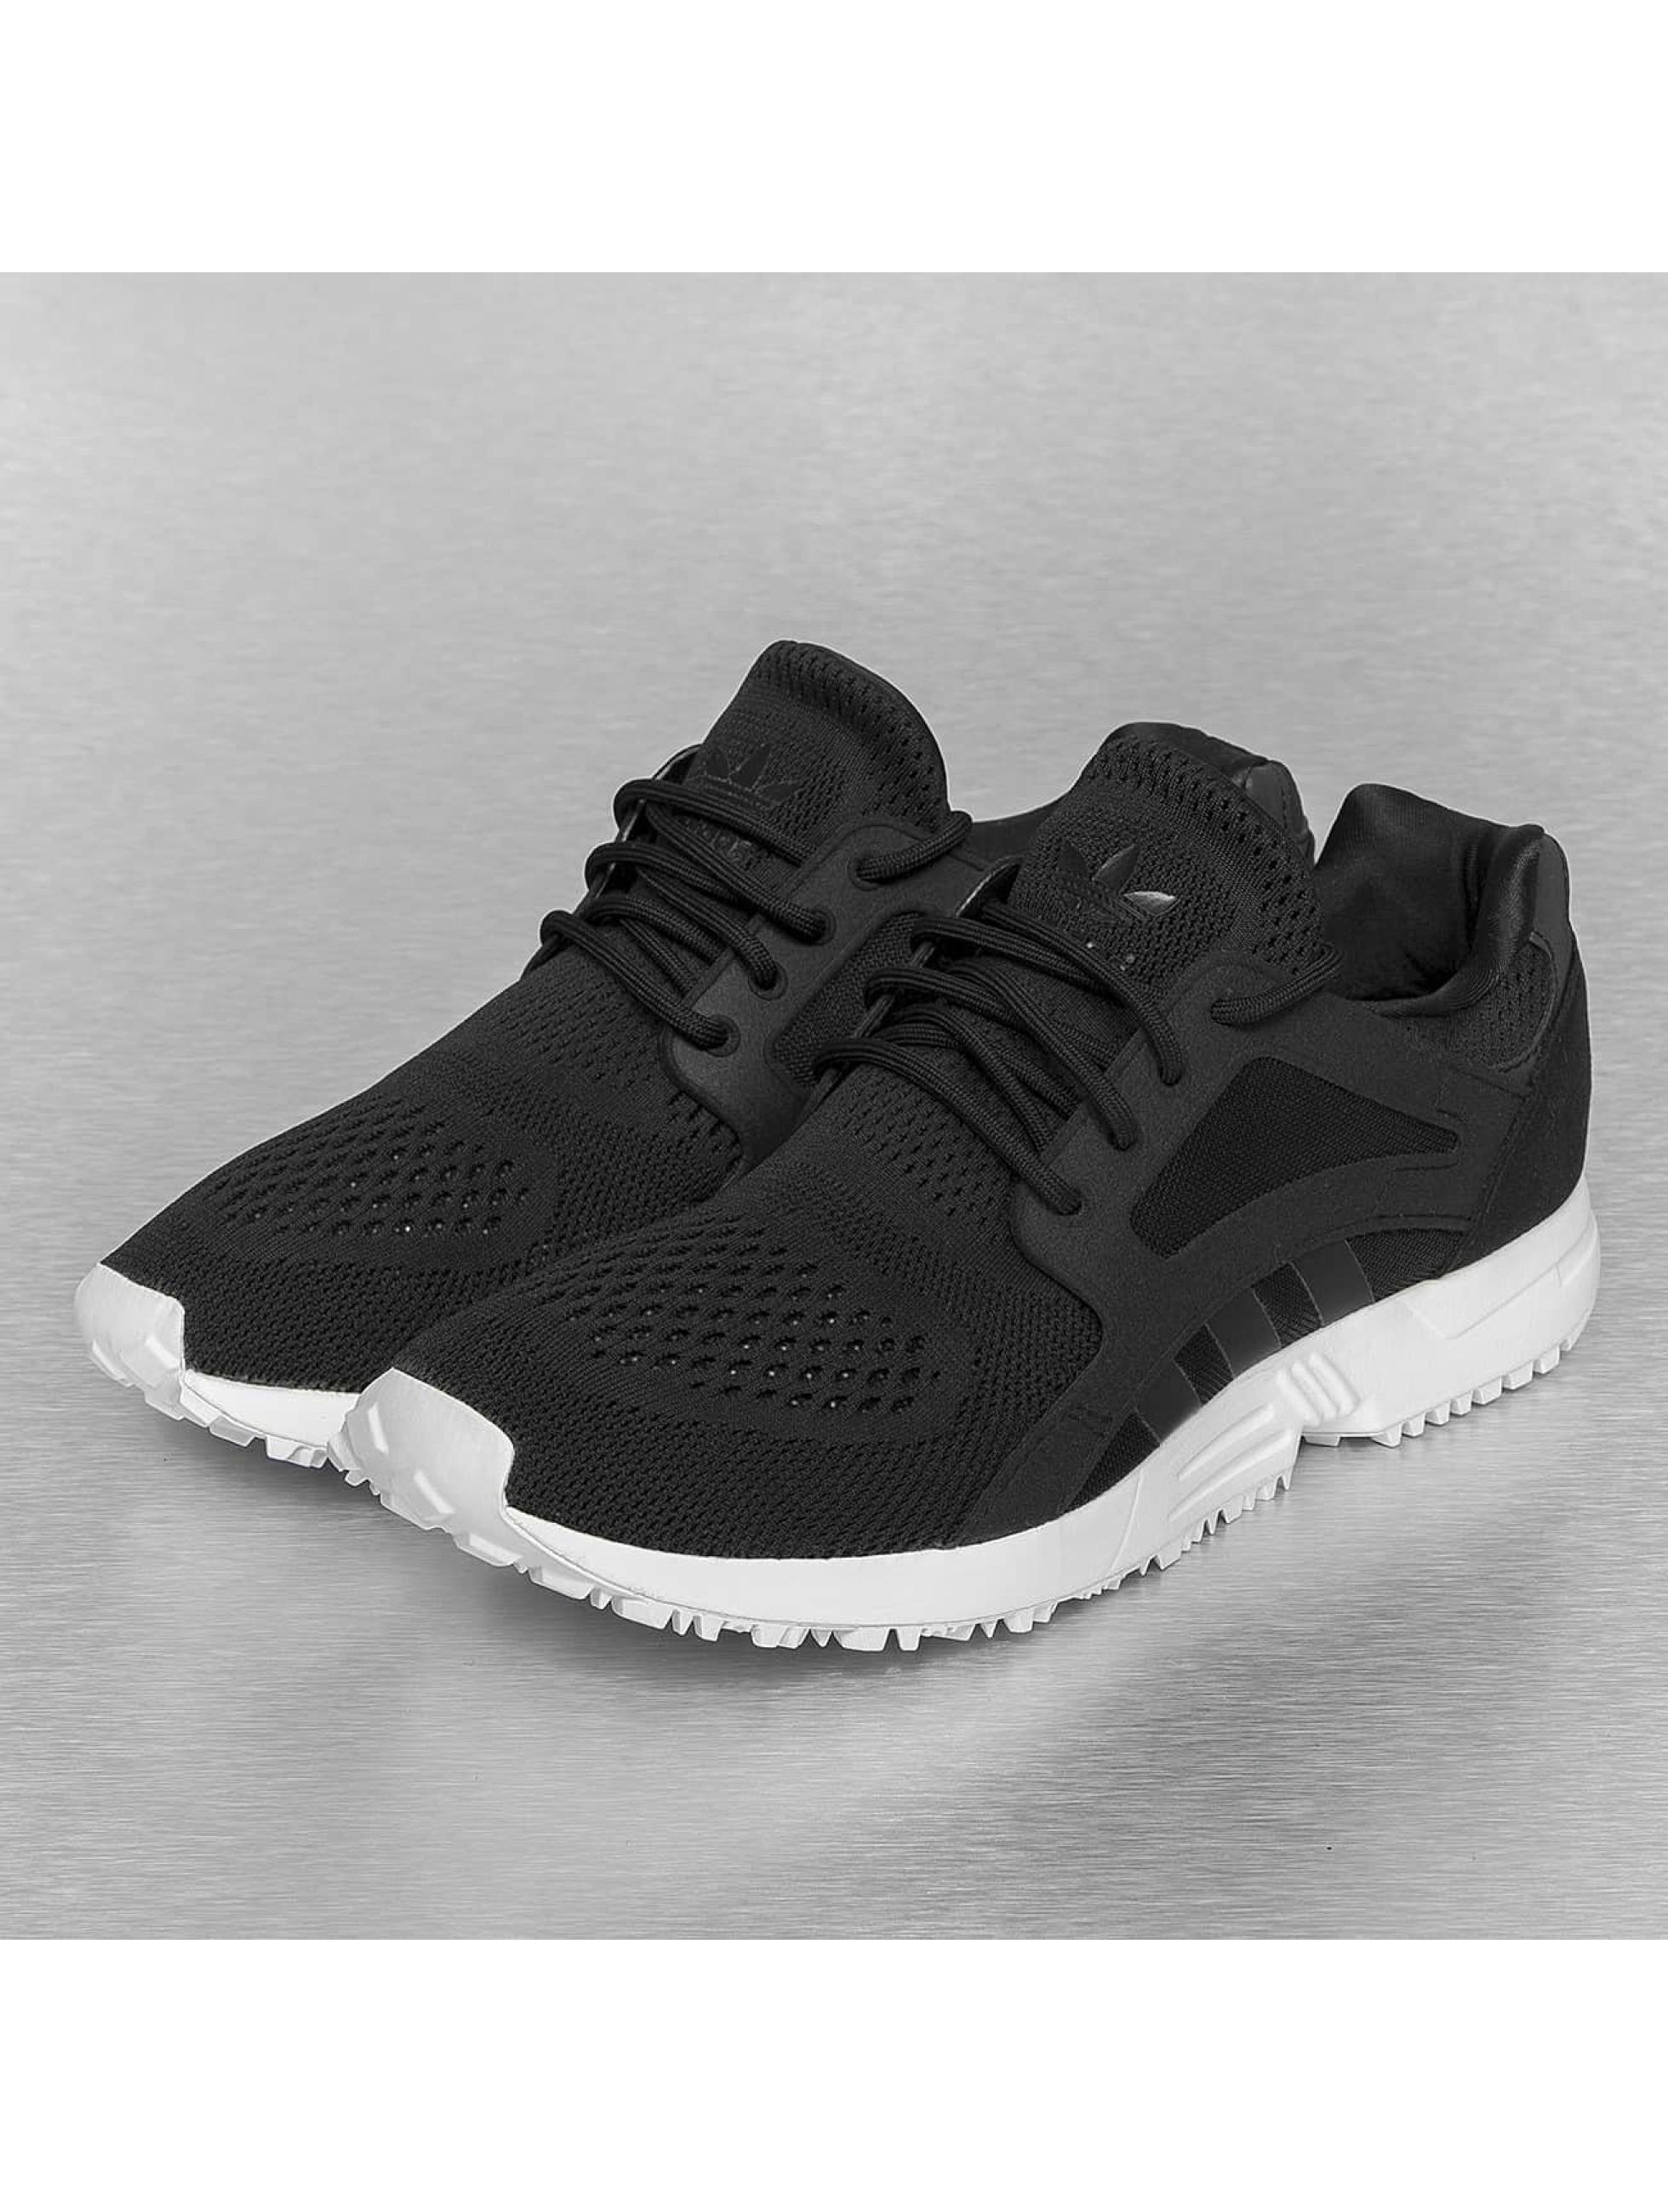 Adidas Racer Dames Zwart